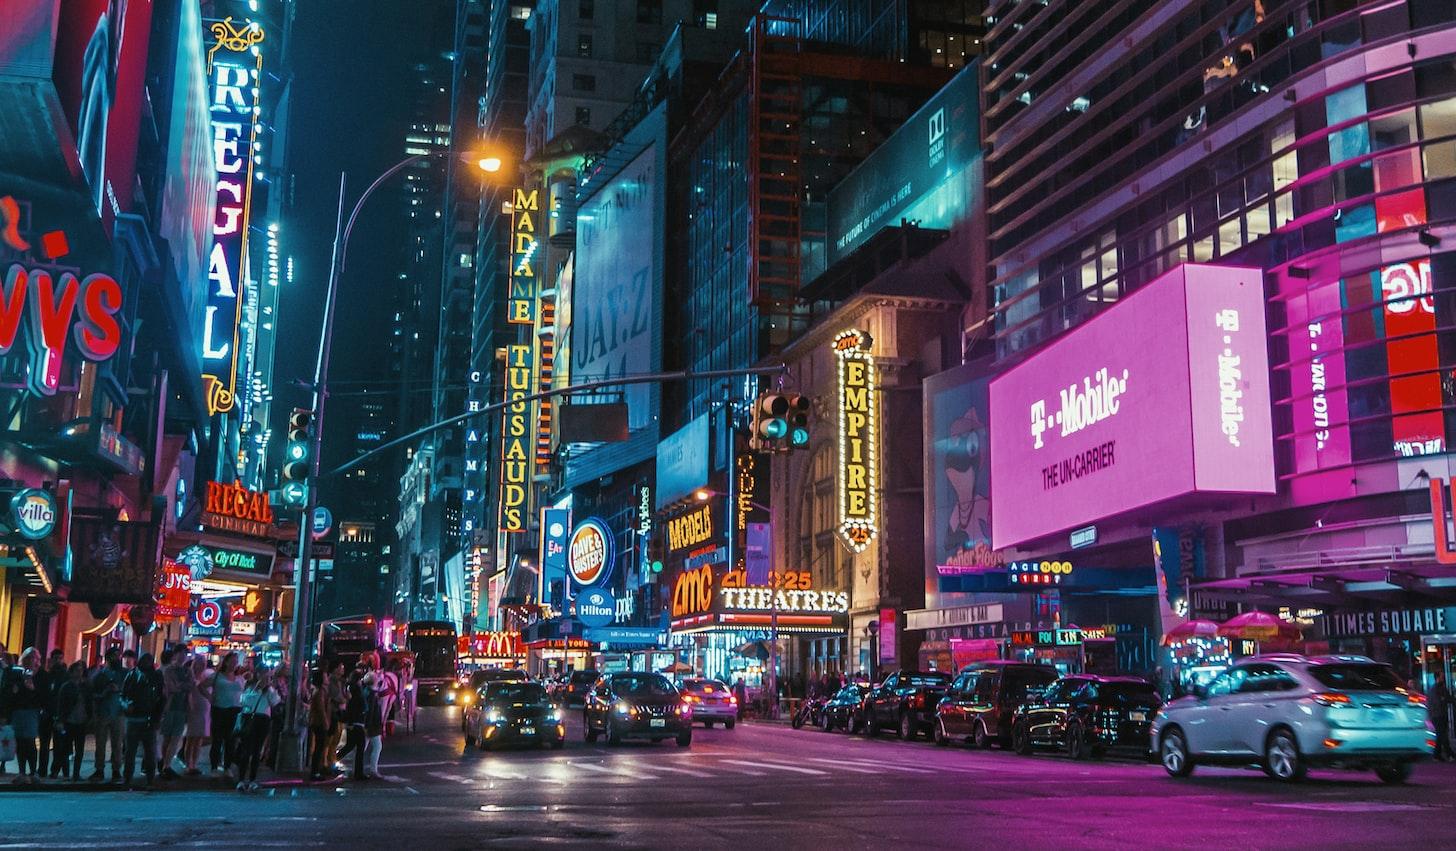 Manhatten brands displayed on billboards